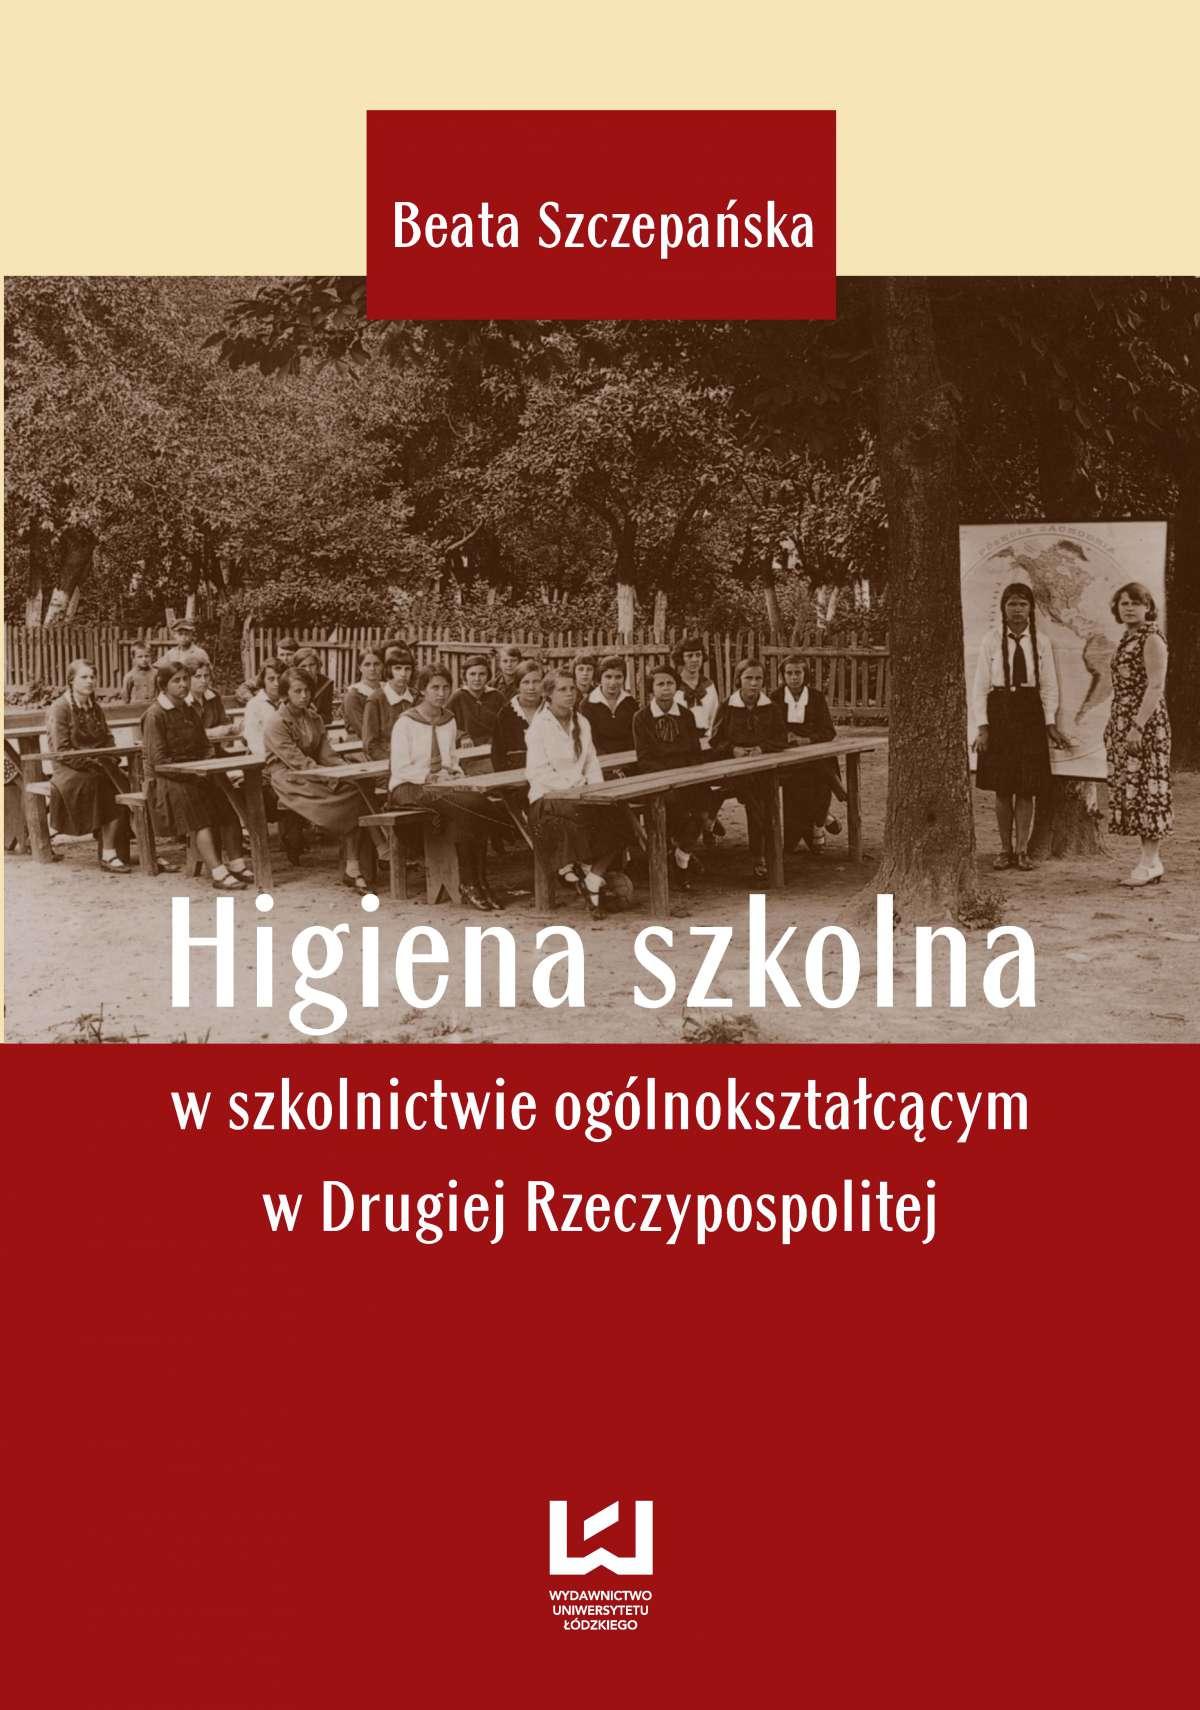 Higiena szkolna w szkolnictwie ogólnokształcącym w Drugiej Rzeczypospolitej - Ebook (Książka PDF) do pobrania w formacie PDF